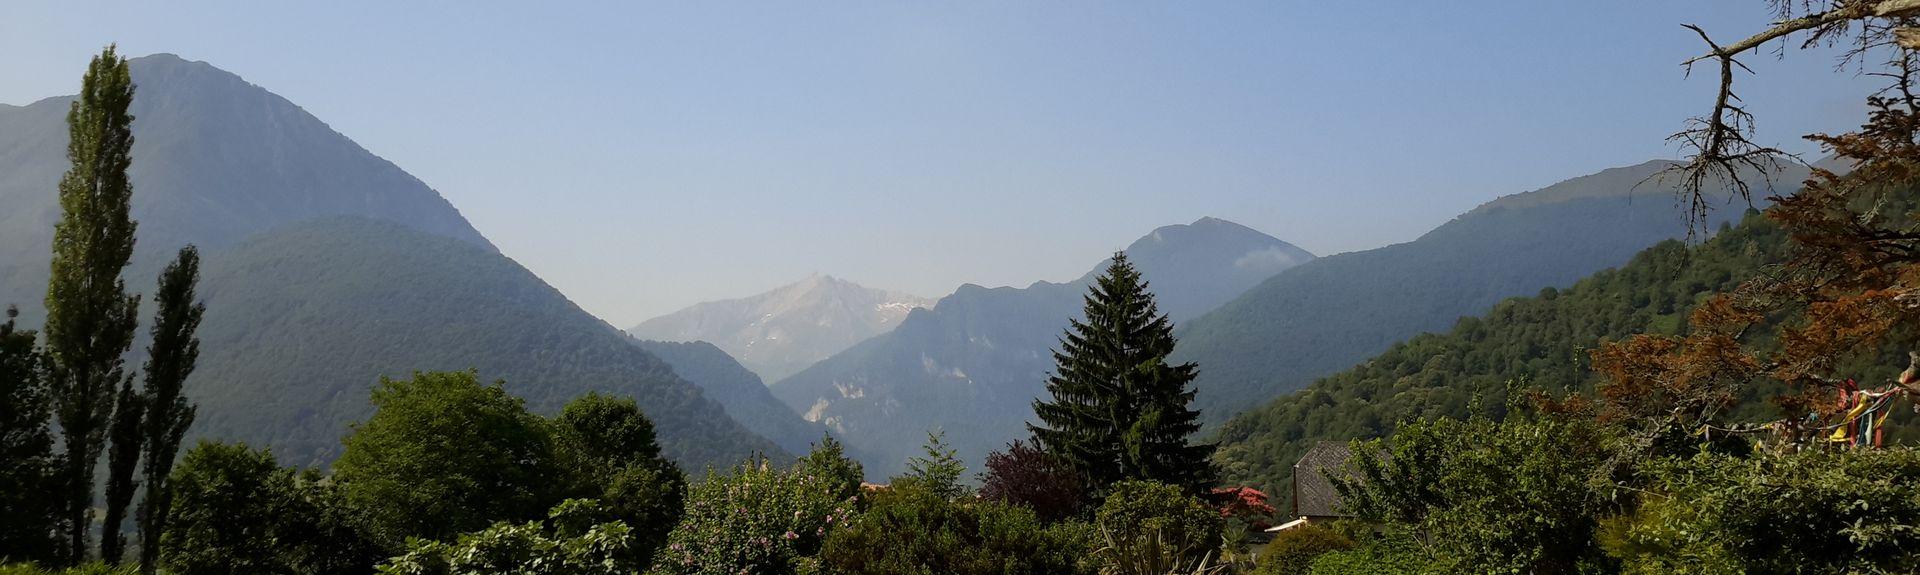 Mirepeix, Pyrénées-Atlantiques, France